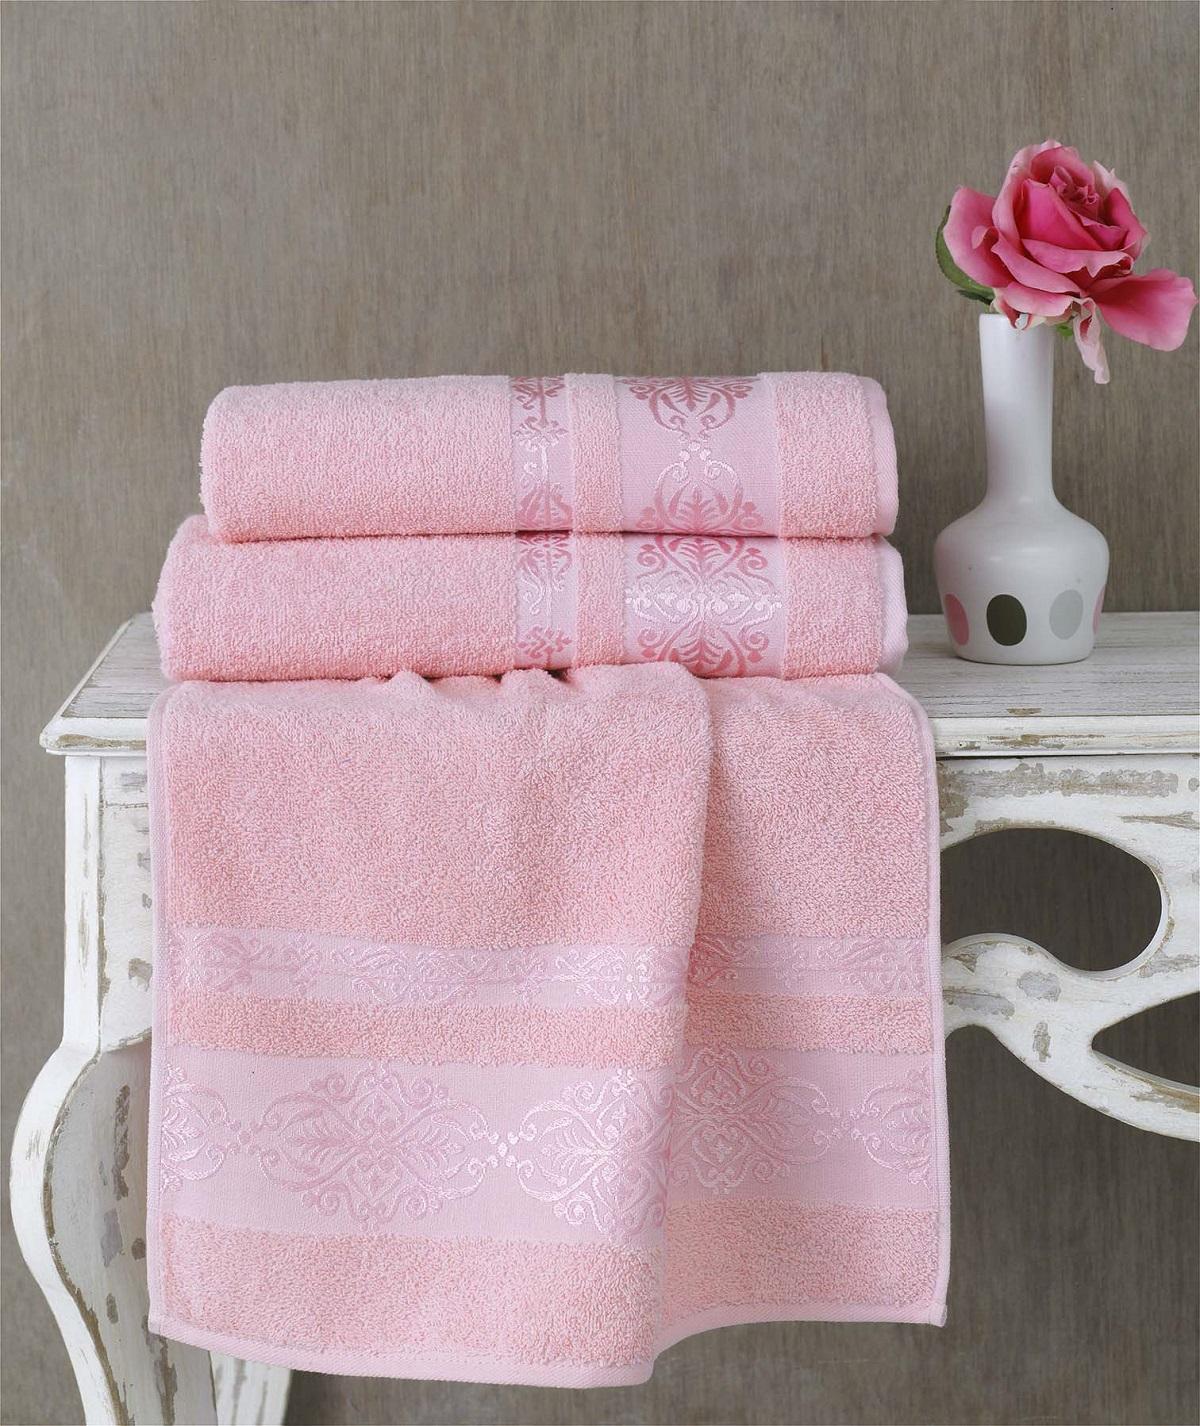 Полотенца Karna Полотенце Rebeka Цвет: Светло-Розовый (70х140 см) karna karna полотенце innes цвет красный 70х140 см